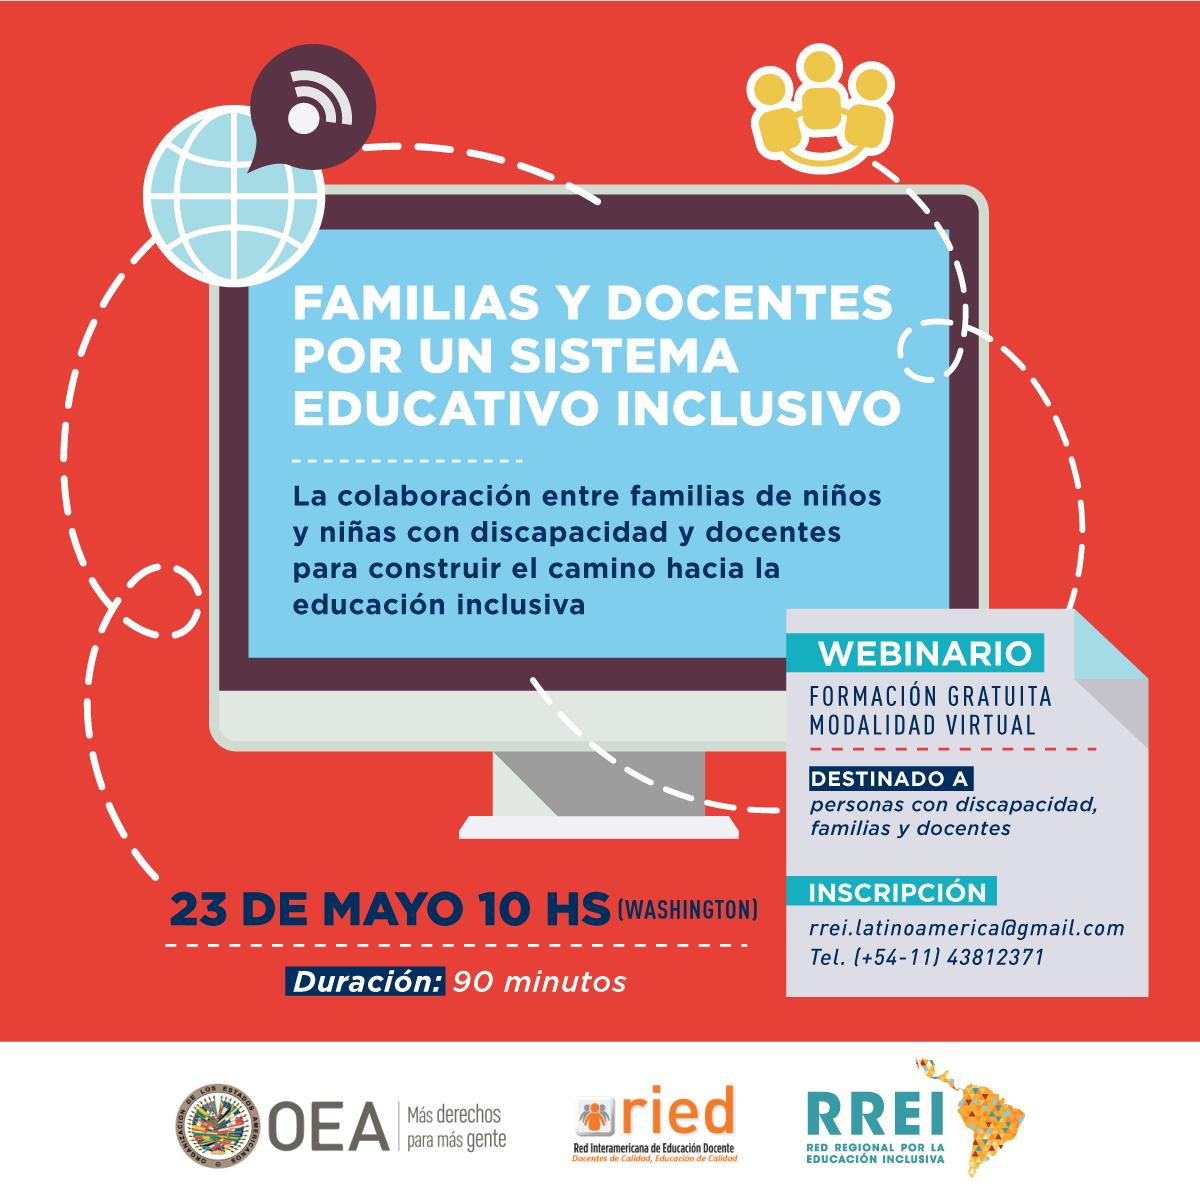 WEBINARIO: FAMILIAS Y DOCENTES POR UN SISTEMA EDUCATIVO INCLUSIVO